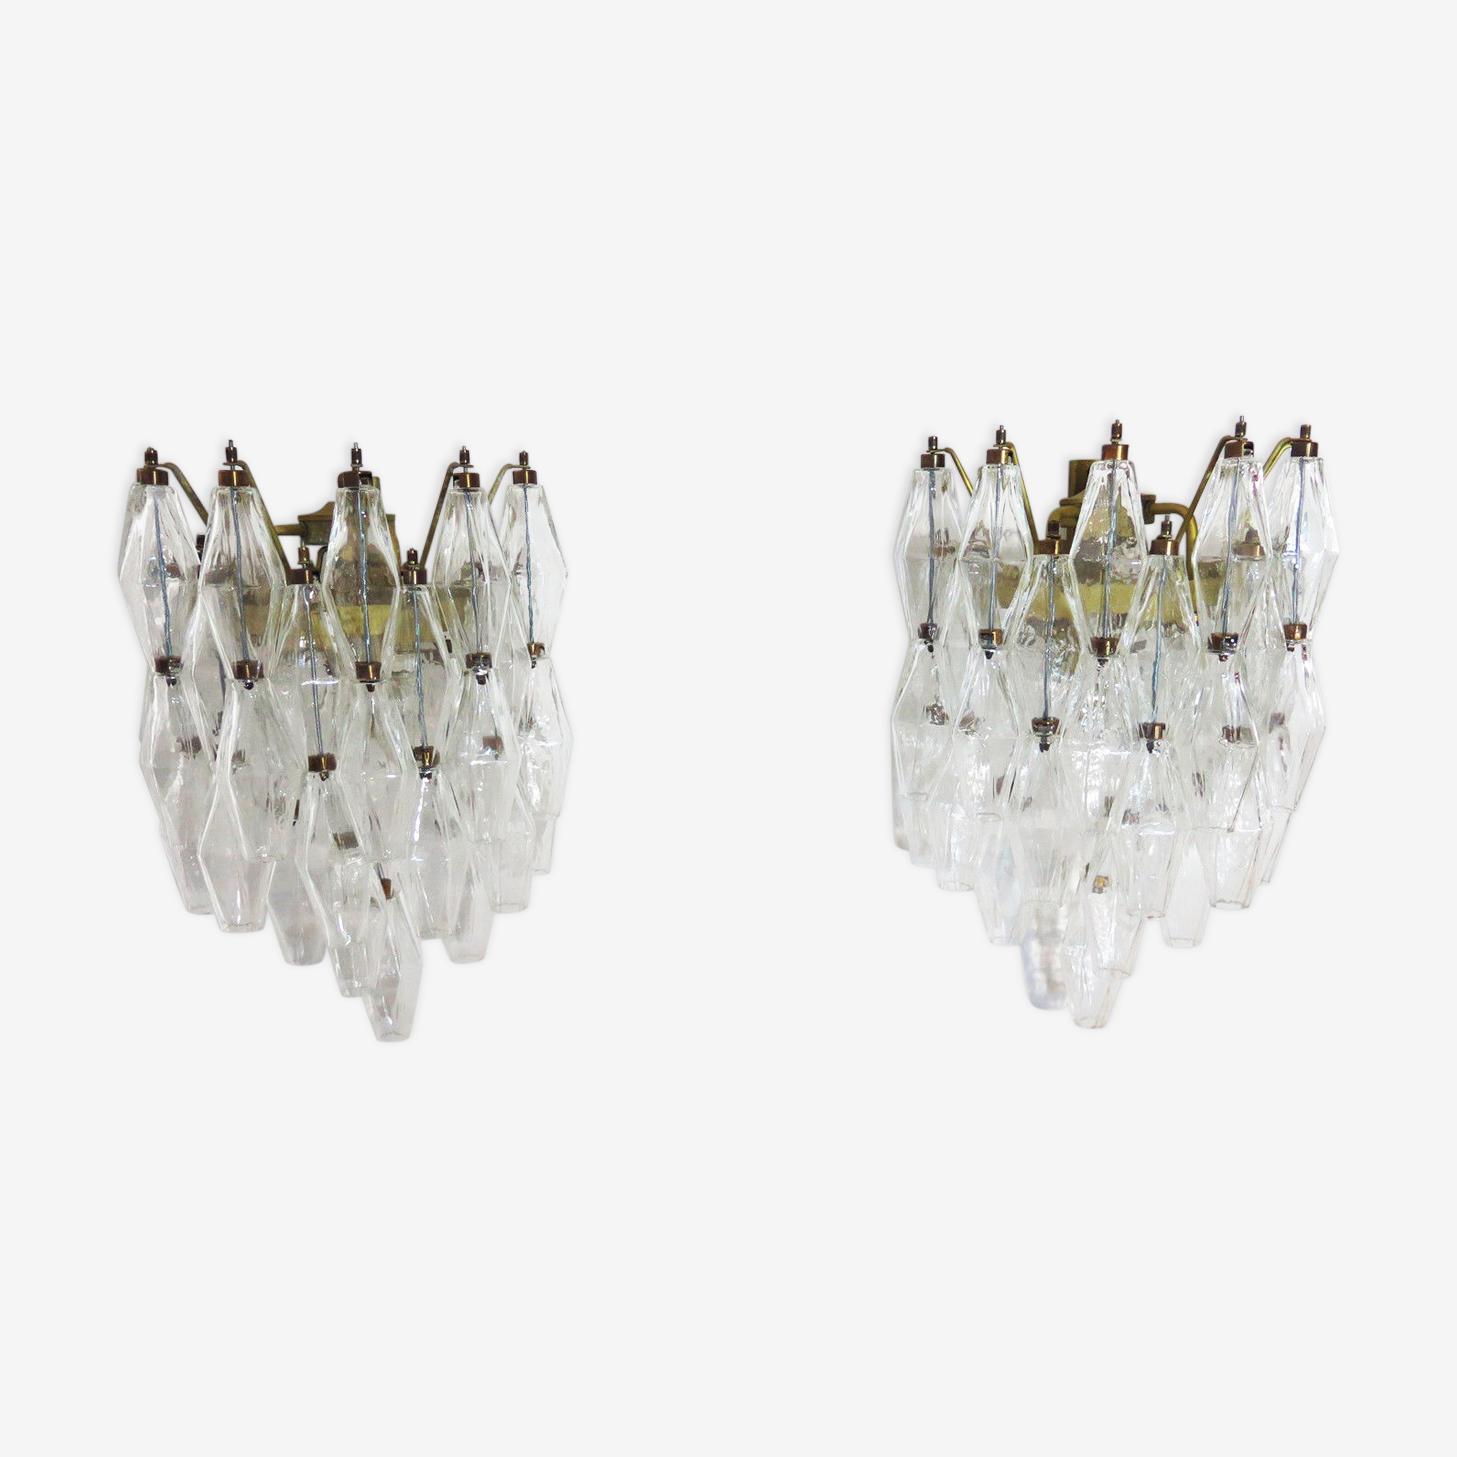 Paire d'appliques Carlo Scarpa en verre de Murano, Italie années 60